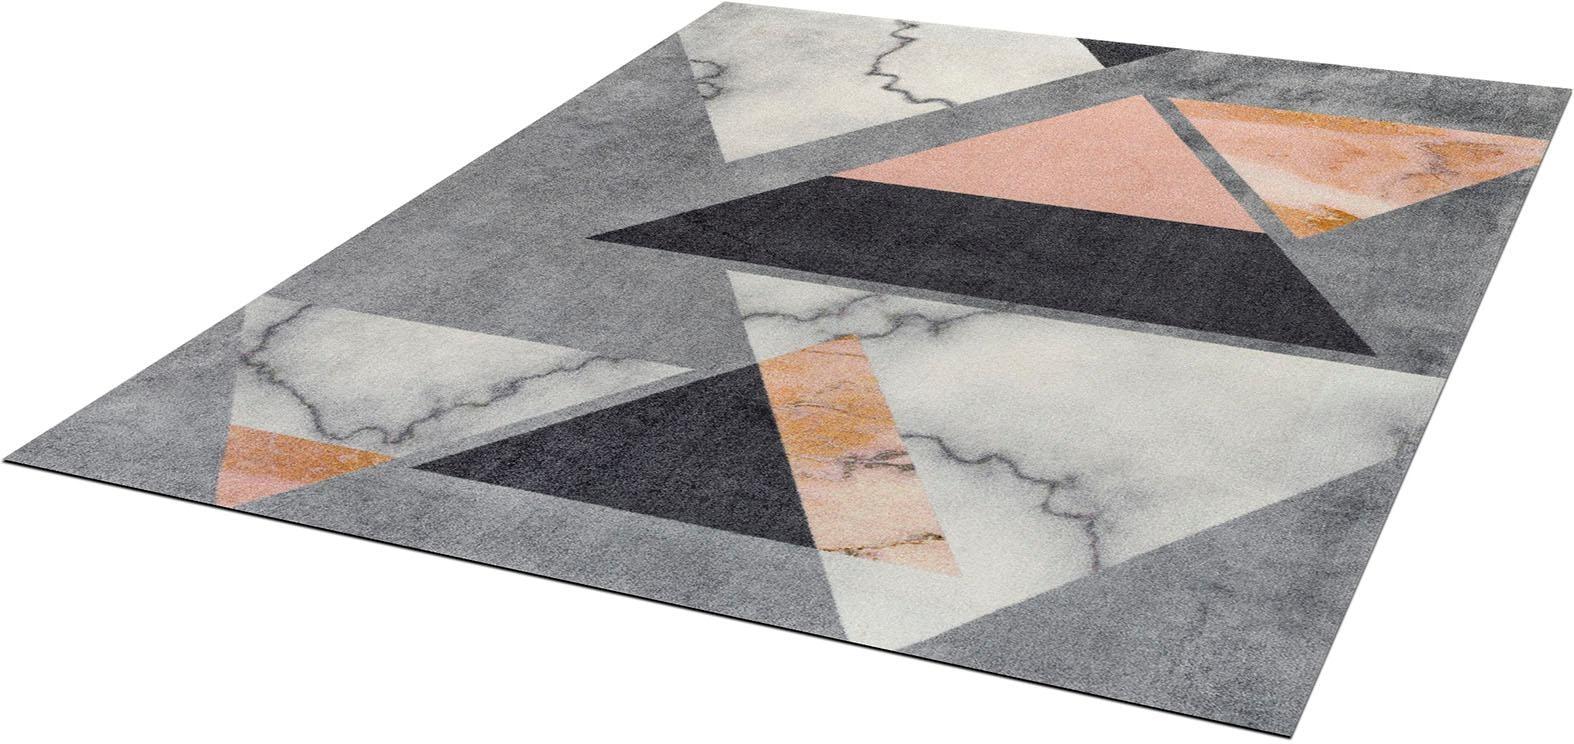 Teppich Velvet Marble wash+dry by Kleen-Tex rechteckig Höhe 9 mm gedruckt